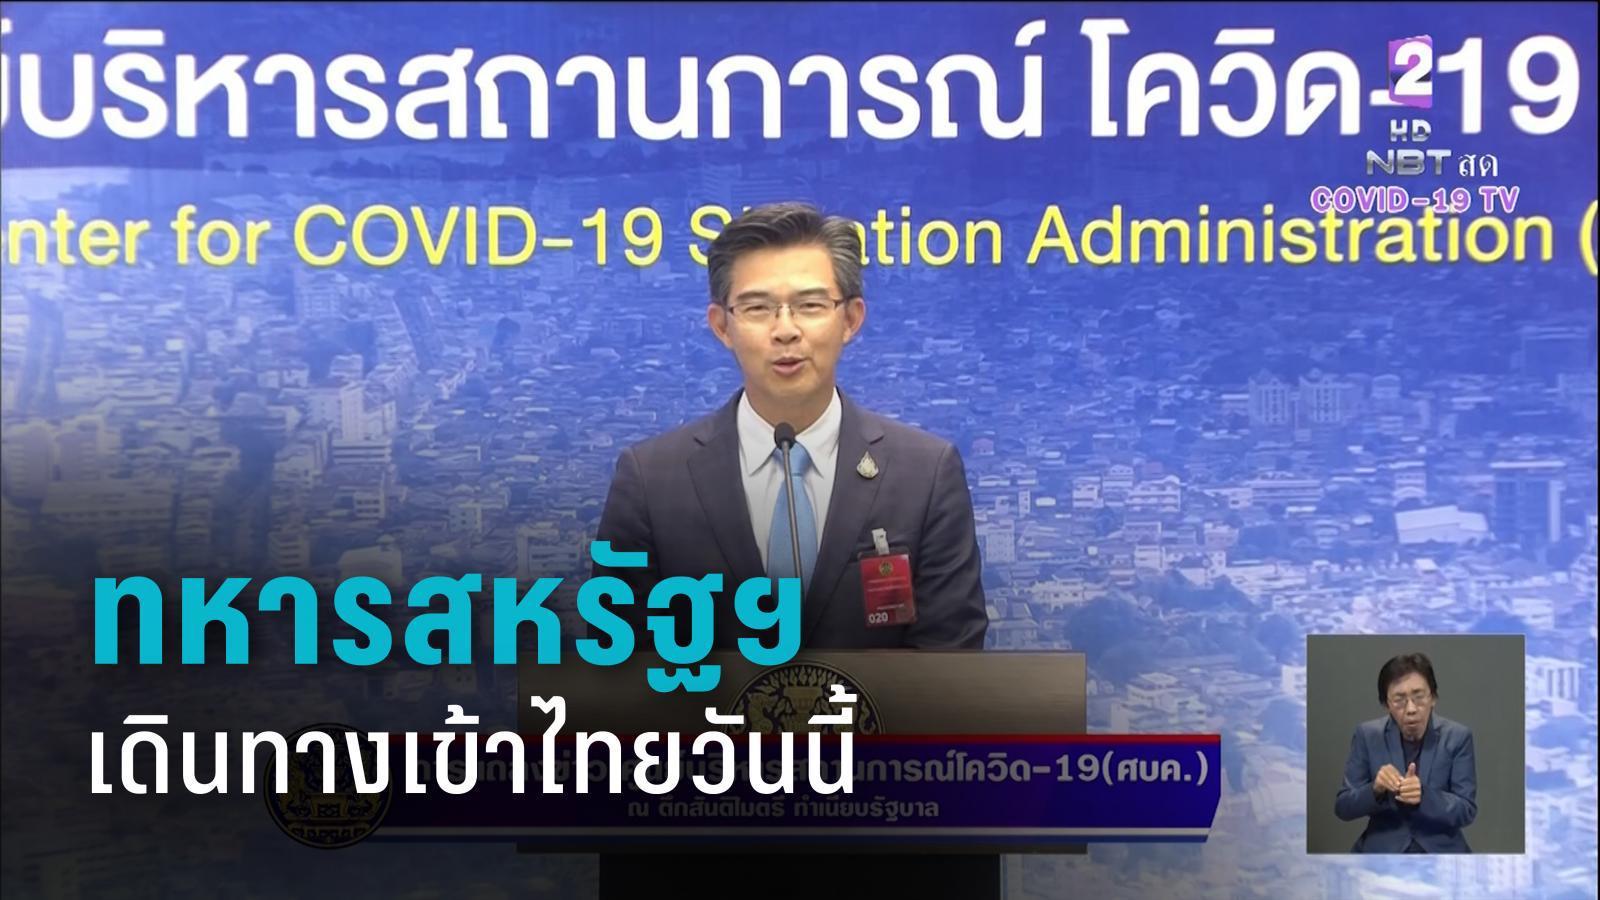 ศบค. เผย ทหารสหรัฐฯกว่า100 นาย เข้าไทย เพื่อฝึกกับทหารไทย